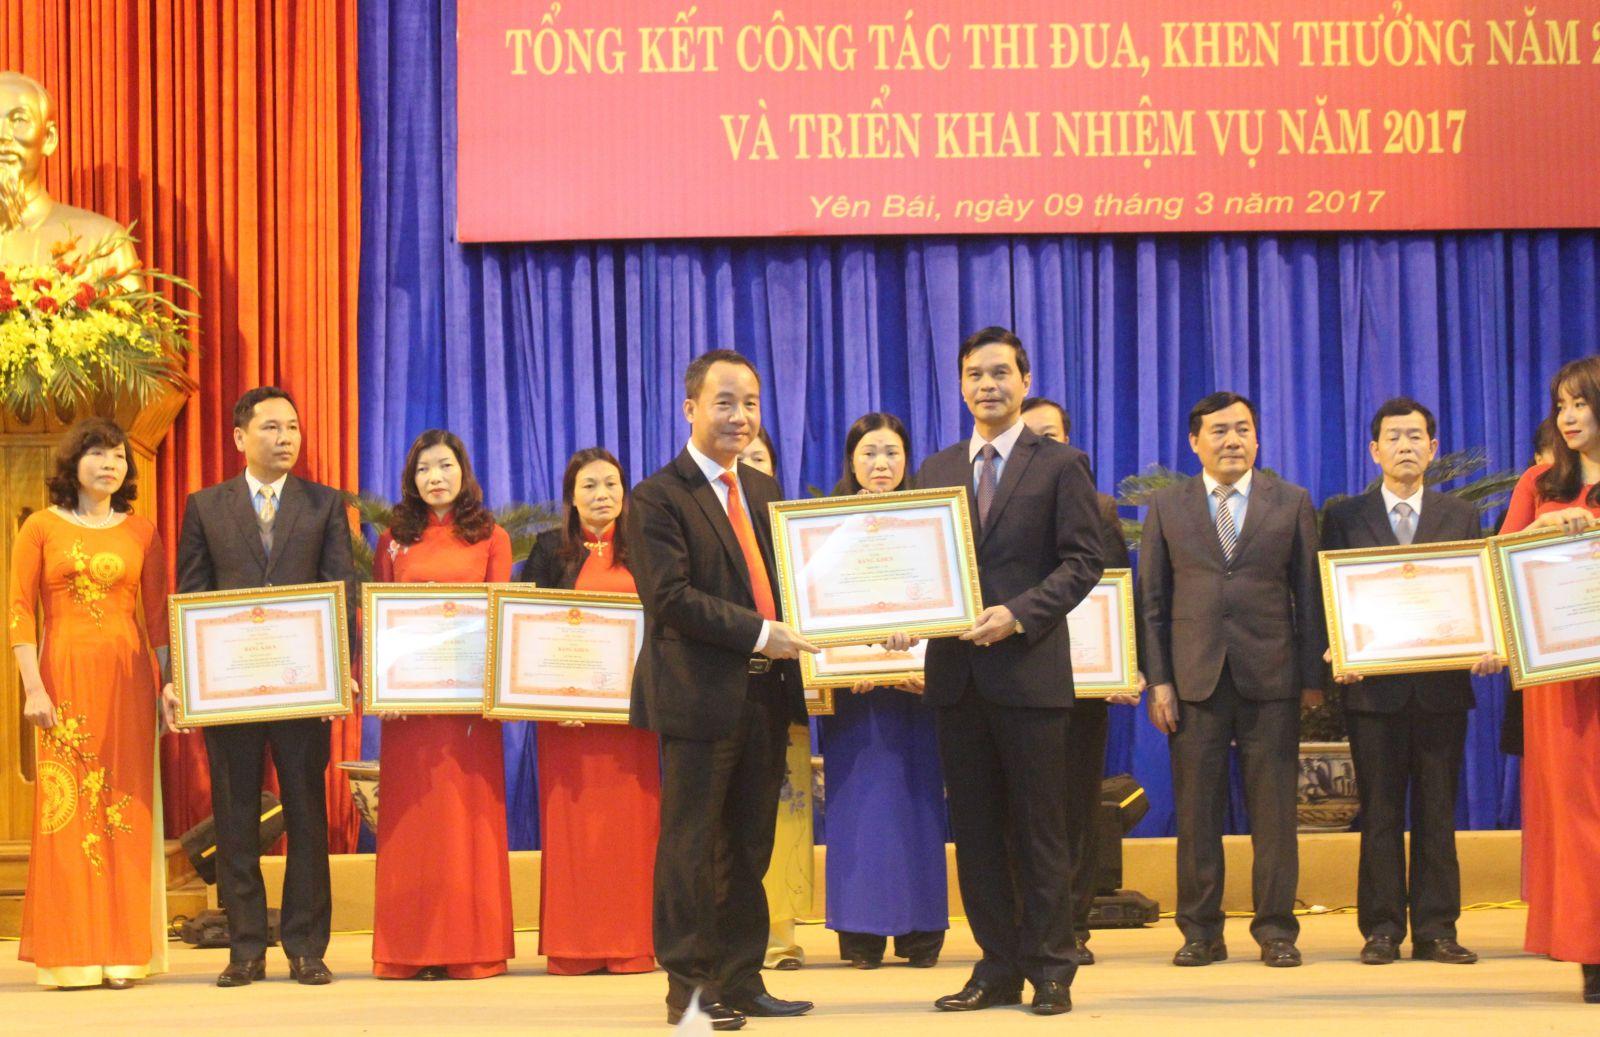 Lễ kỷ niệm 35 năm thành lập Công ty XSKT Yên Bái